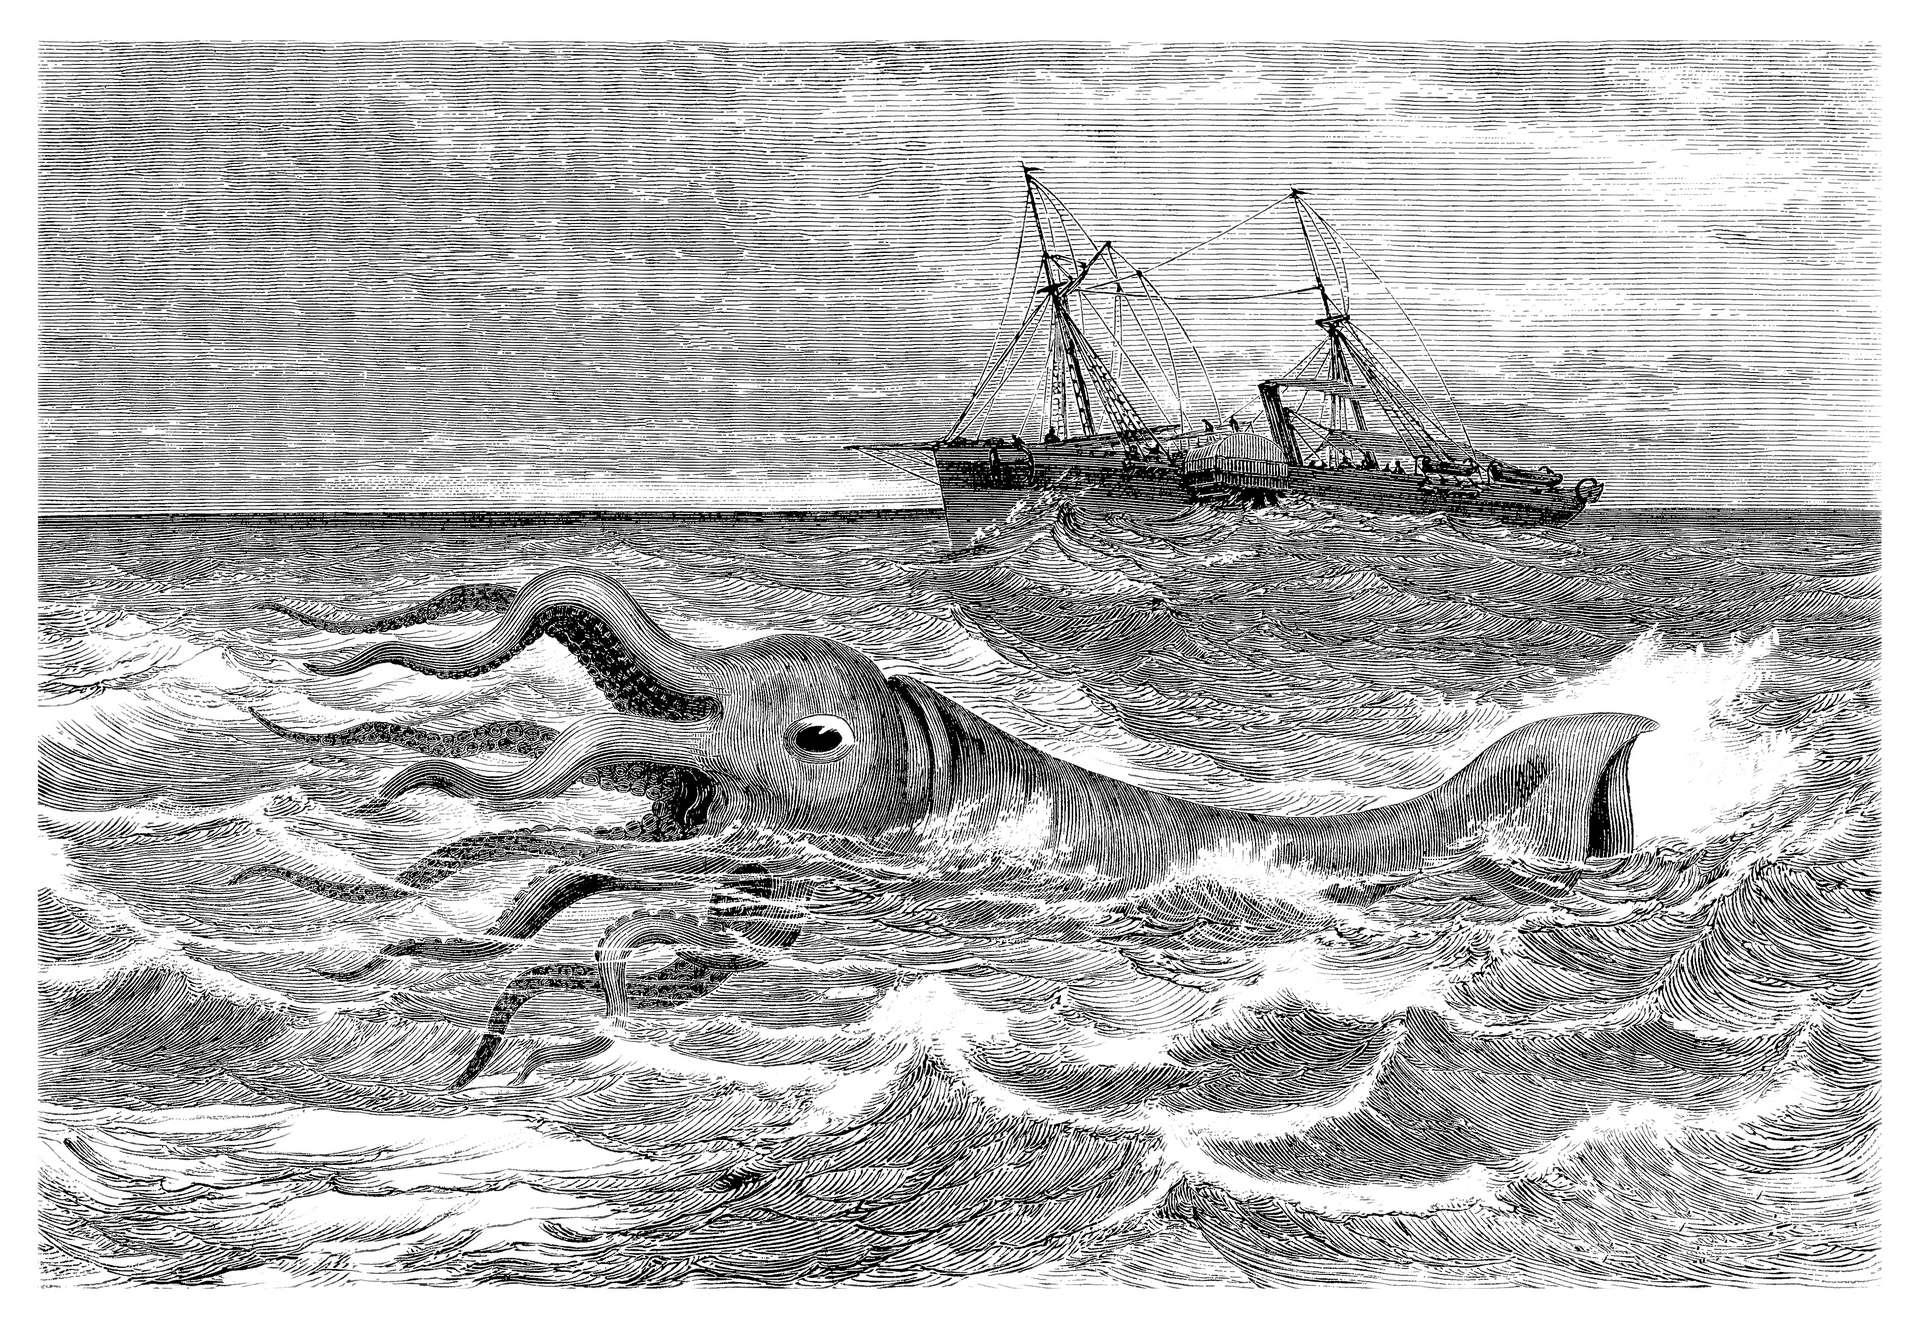 Le calamar géant est au cœur de plusieurs légendes de marins, notamment celle du Kraken. © Erica Guilane-Nachez, Adobe Stock